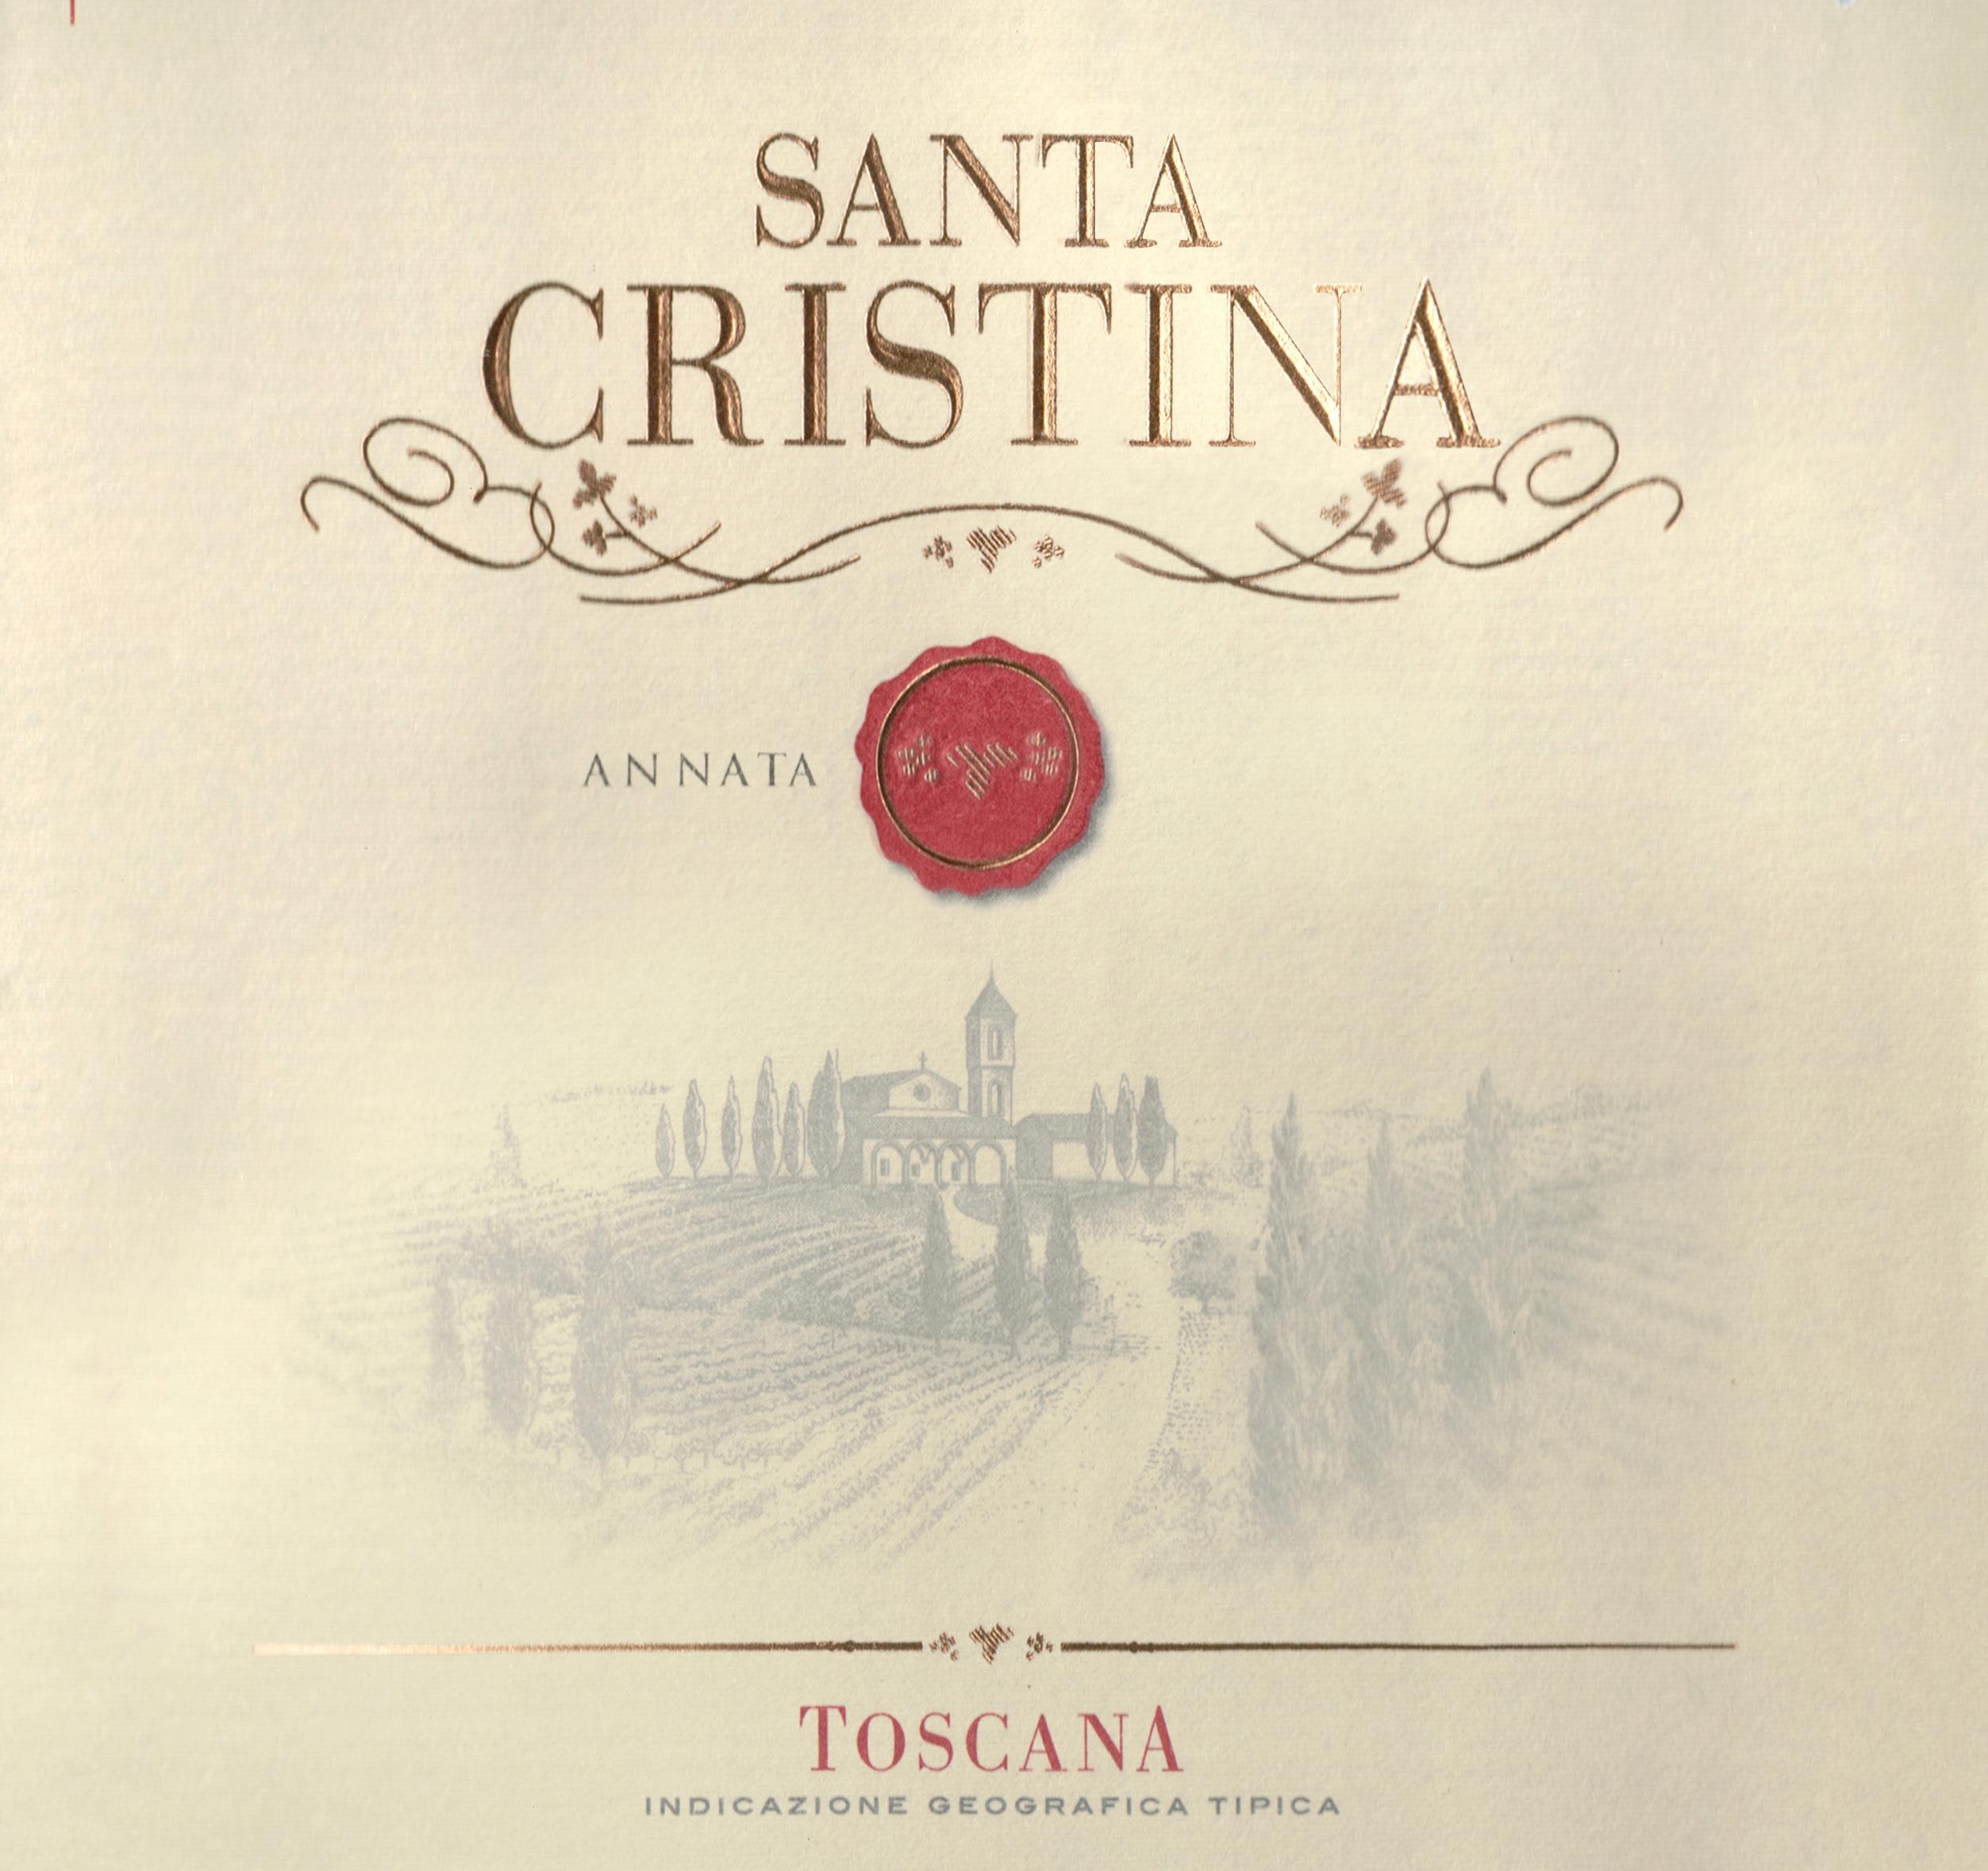 Antinori Santa Cristina 2018